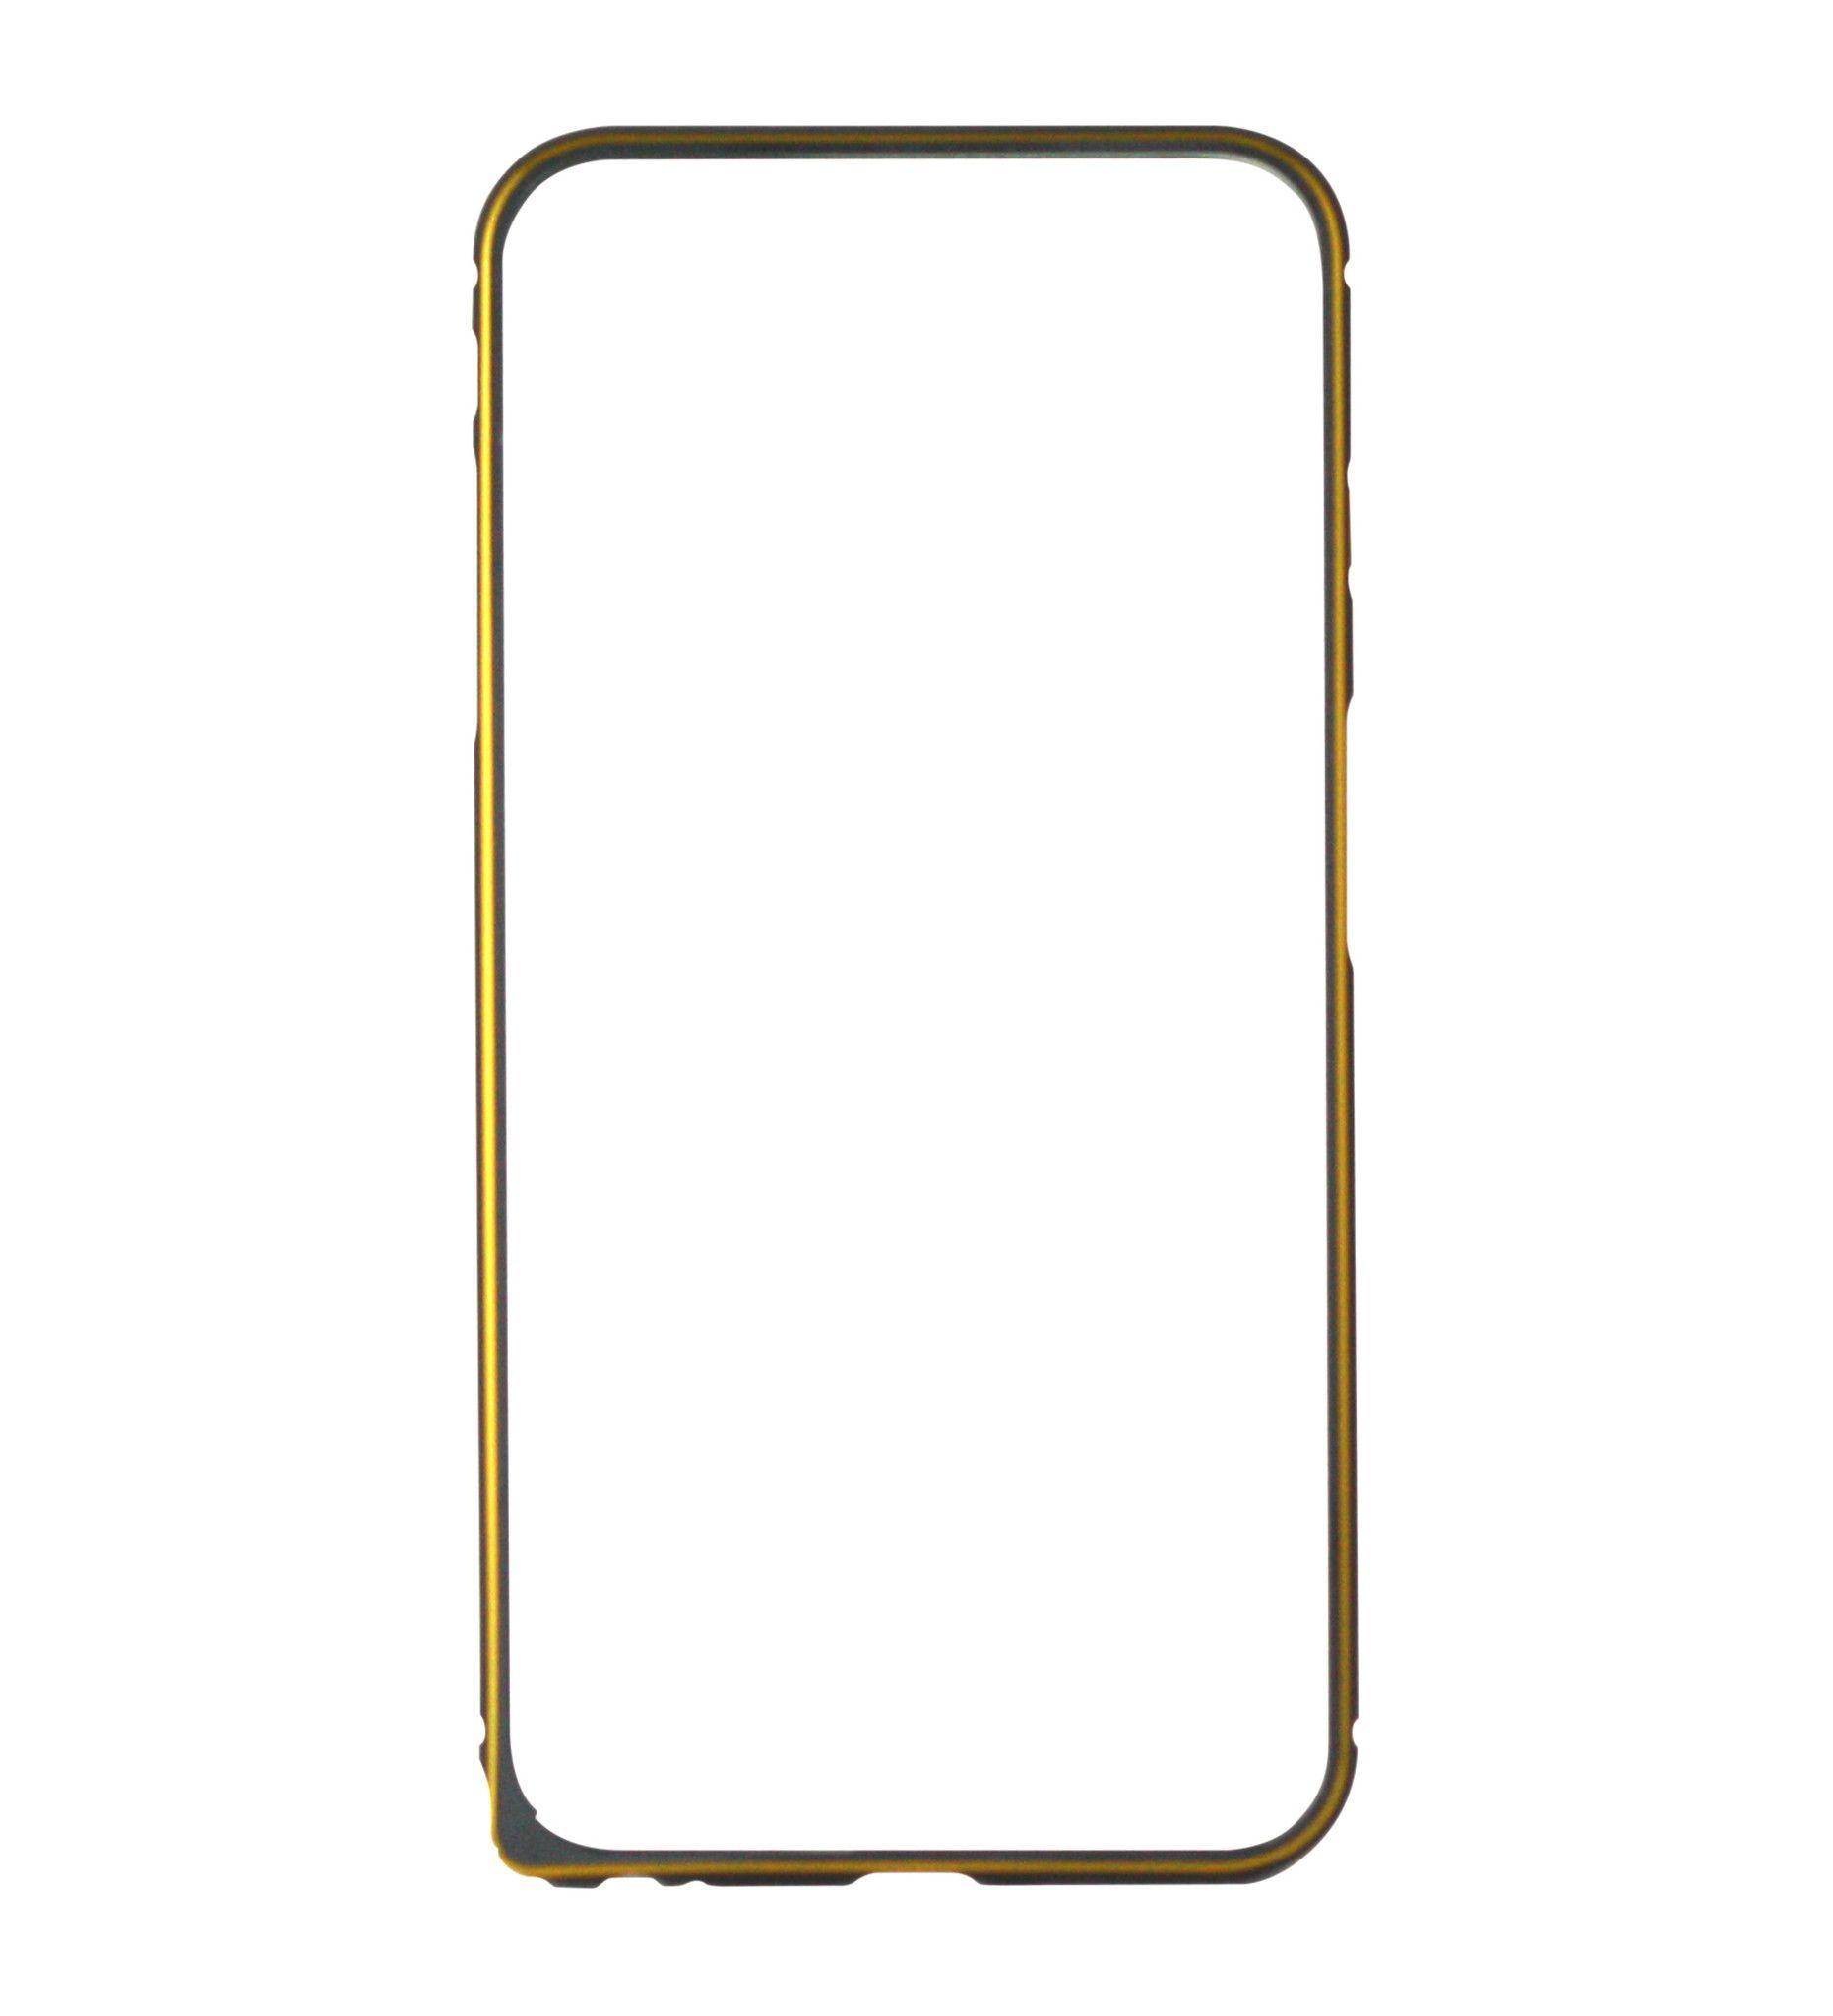 Apple iPhone 6 Plus Aluminum Bumper Case